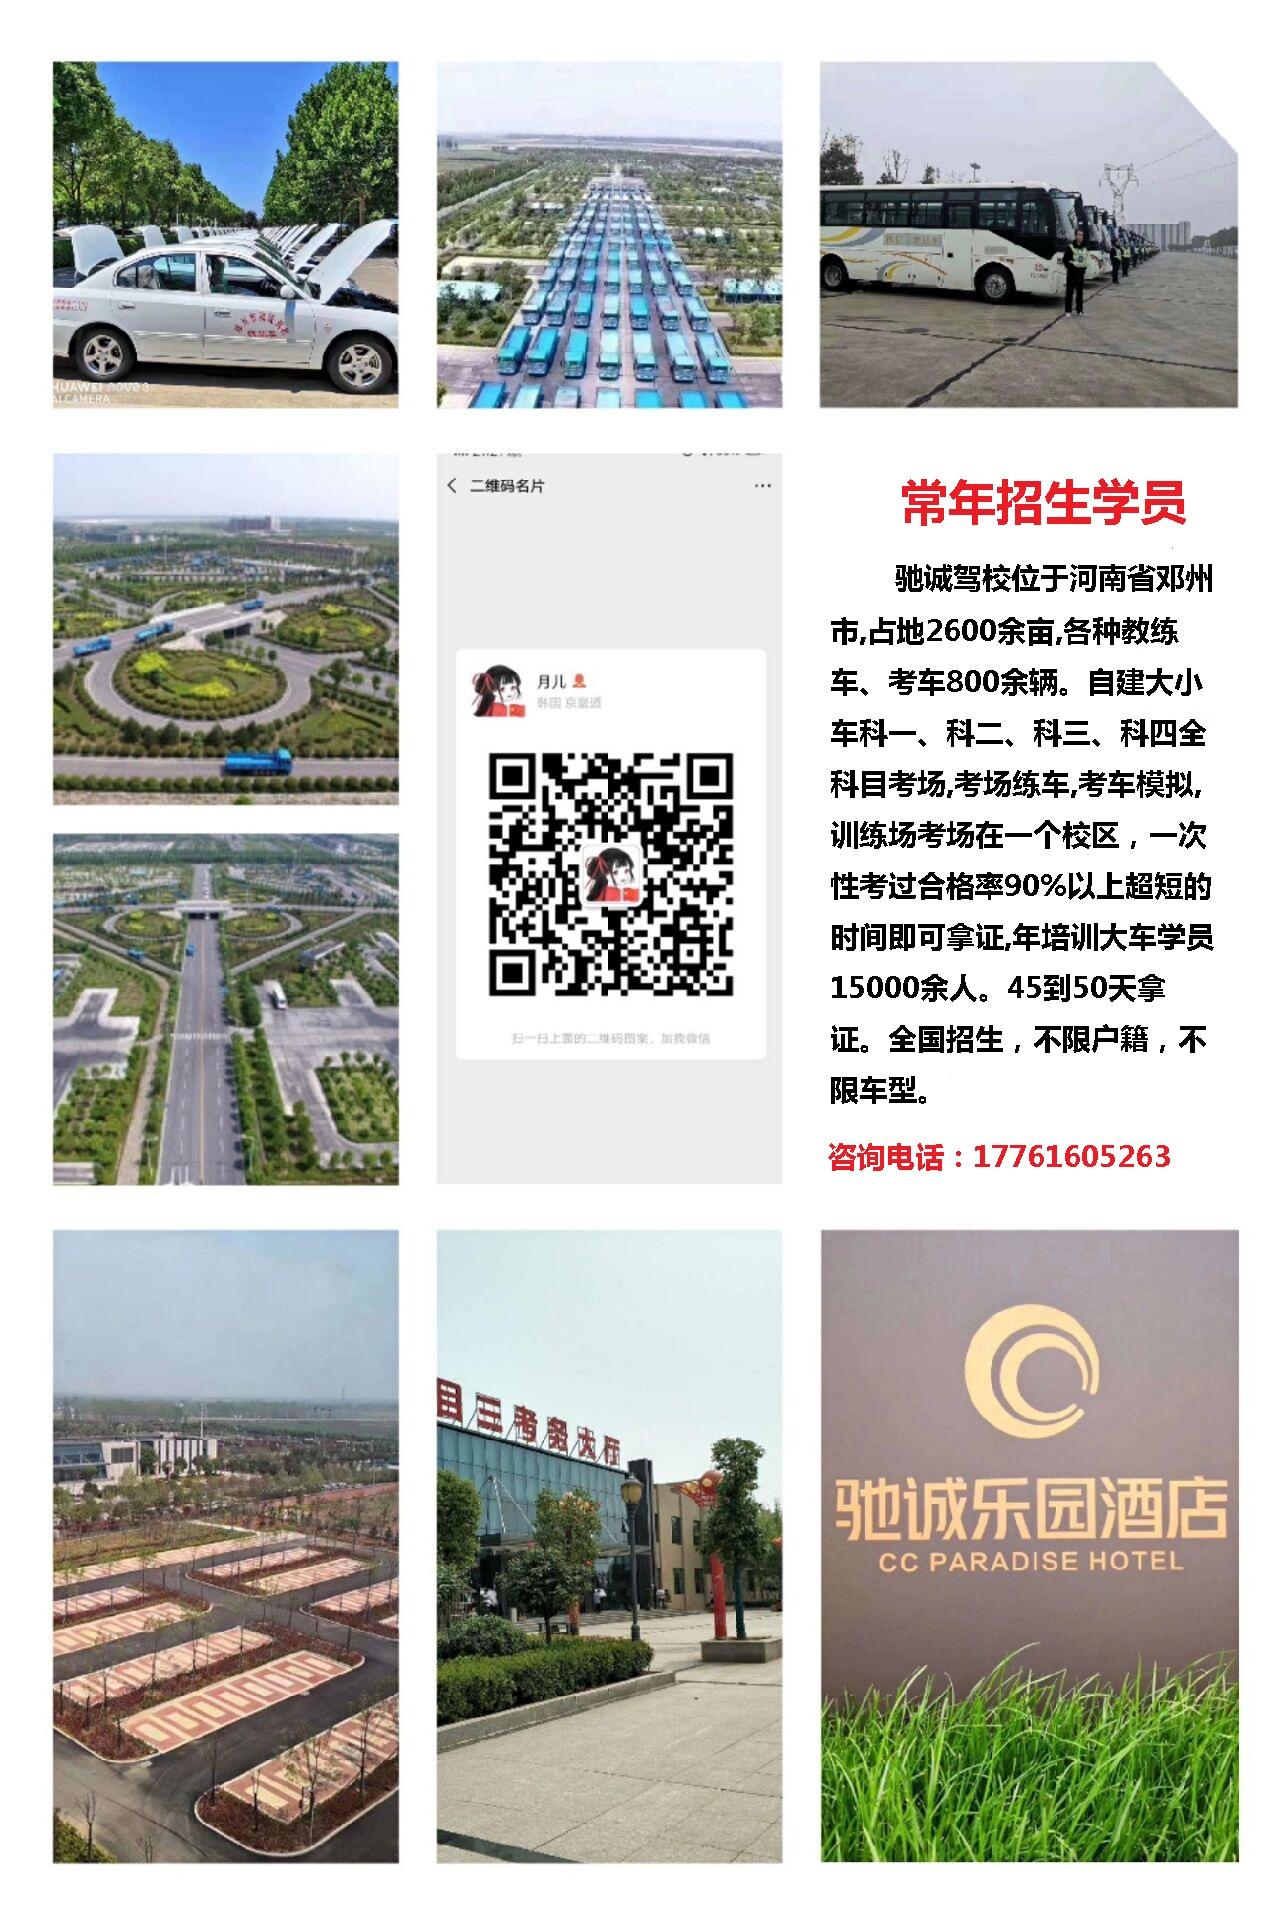 123 - 邓州门户网|邓州网 - 88.jpg